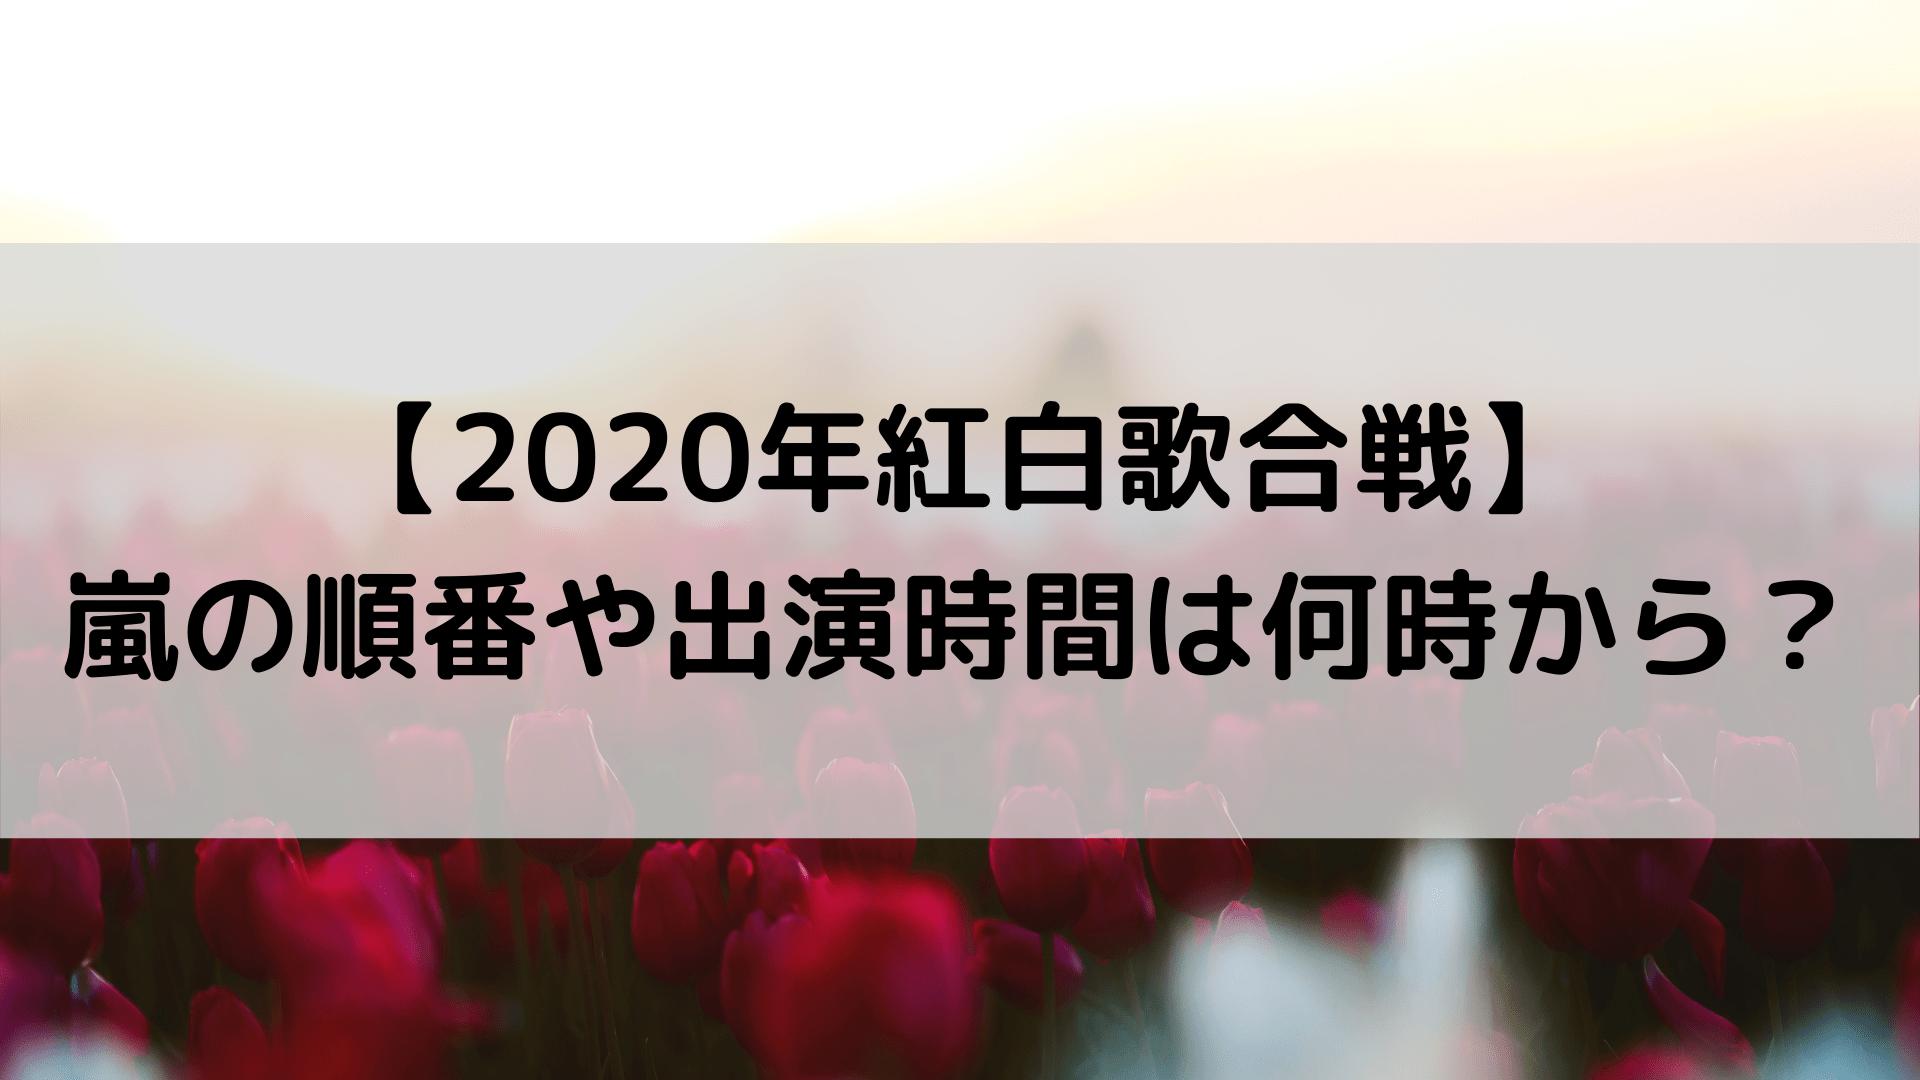 紅白歌合戦タイムテーブル 第71回紅白歌合戦のタイムテーブル(出場者/順番)2020年